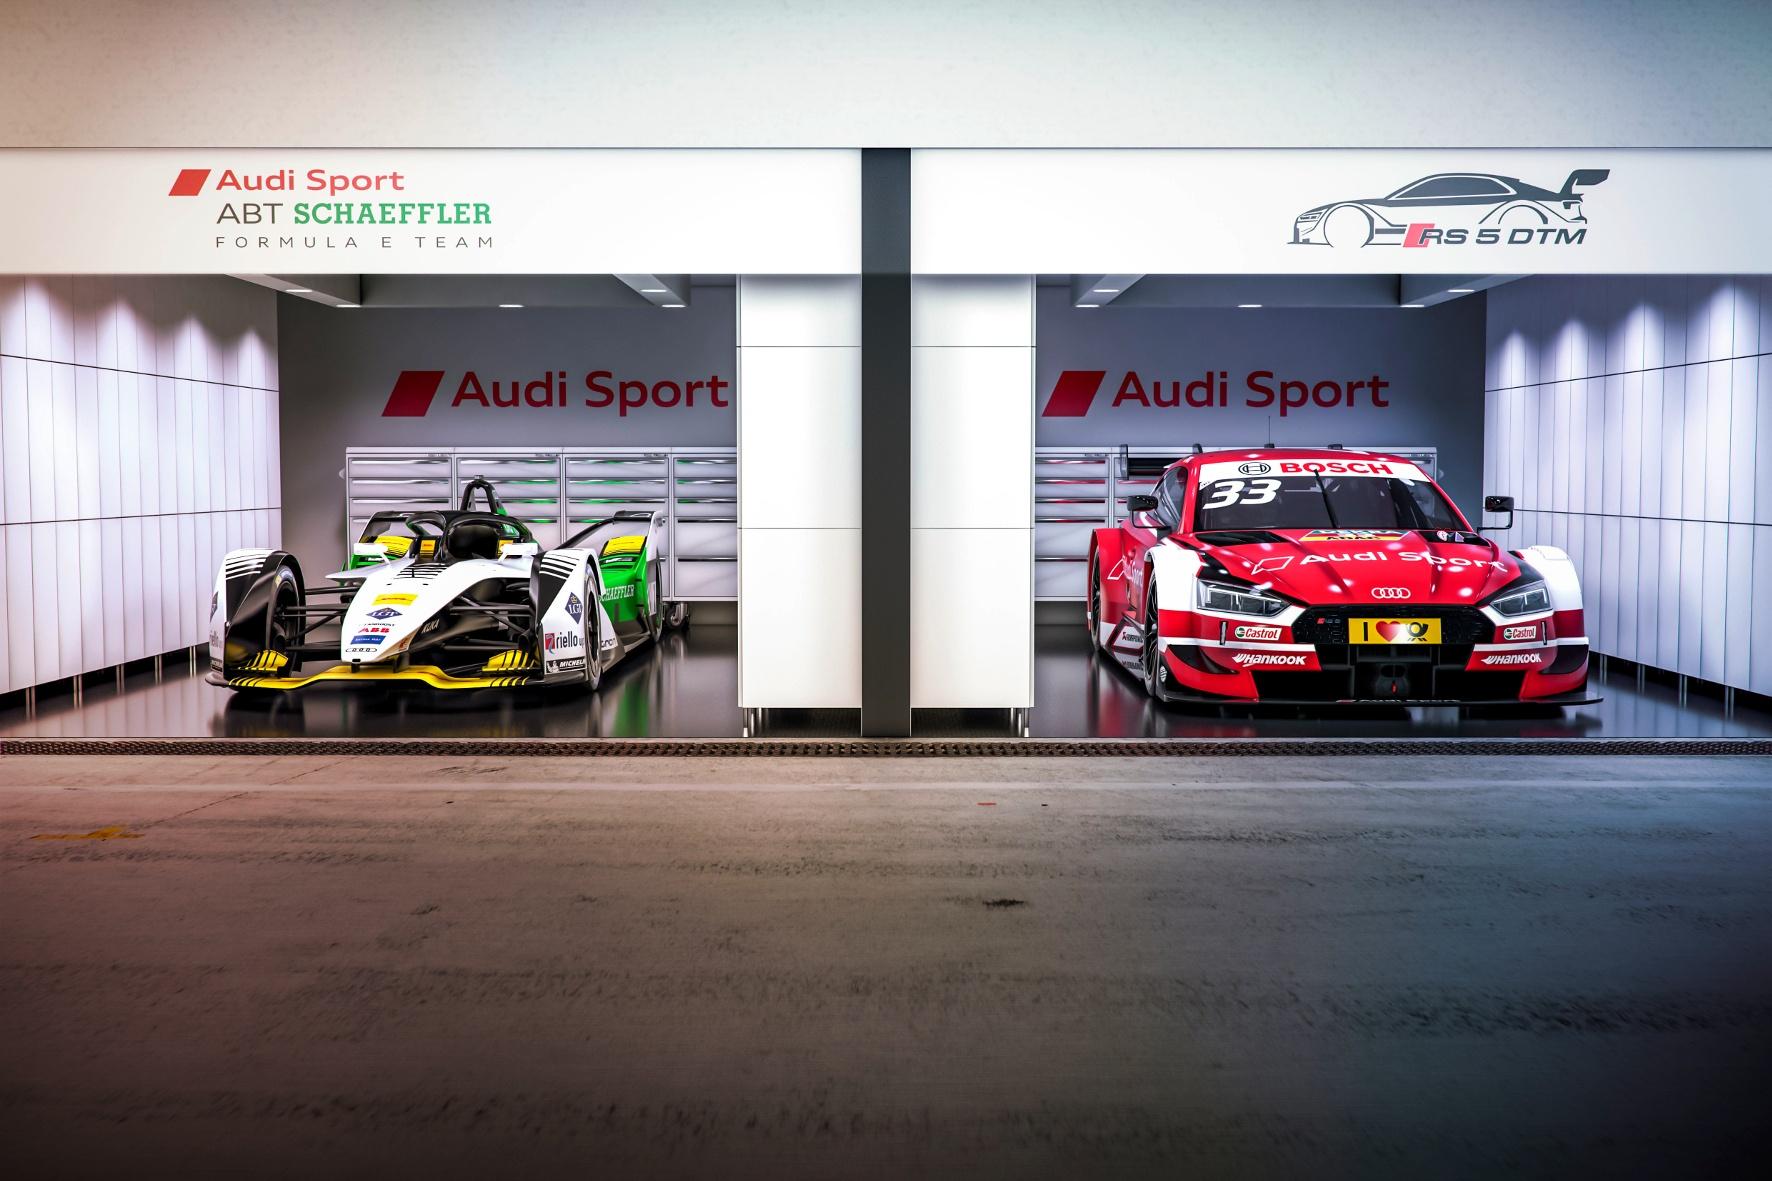 Motorsport: Deutsche Automarke bekennt sich zur Formel E und DTM